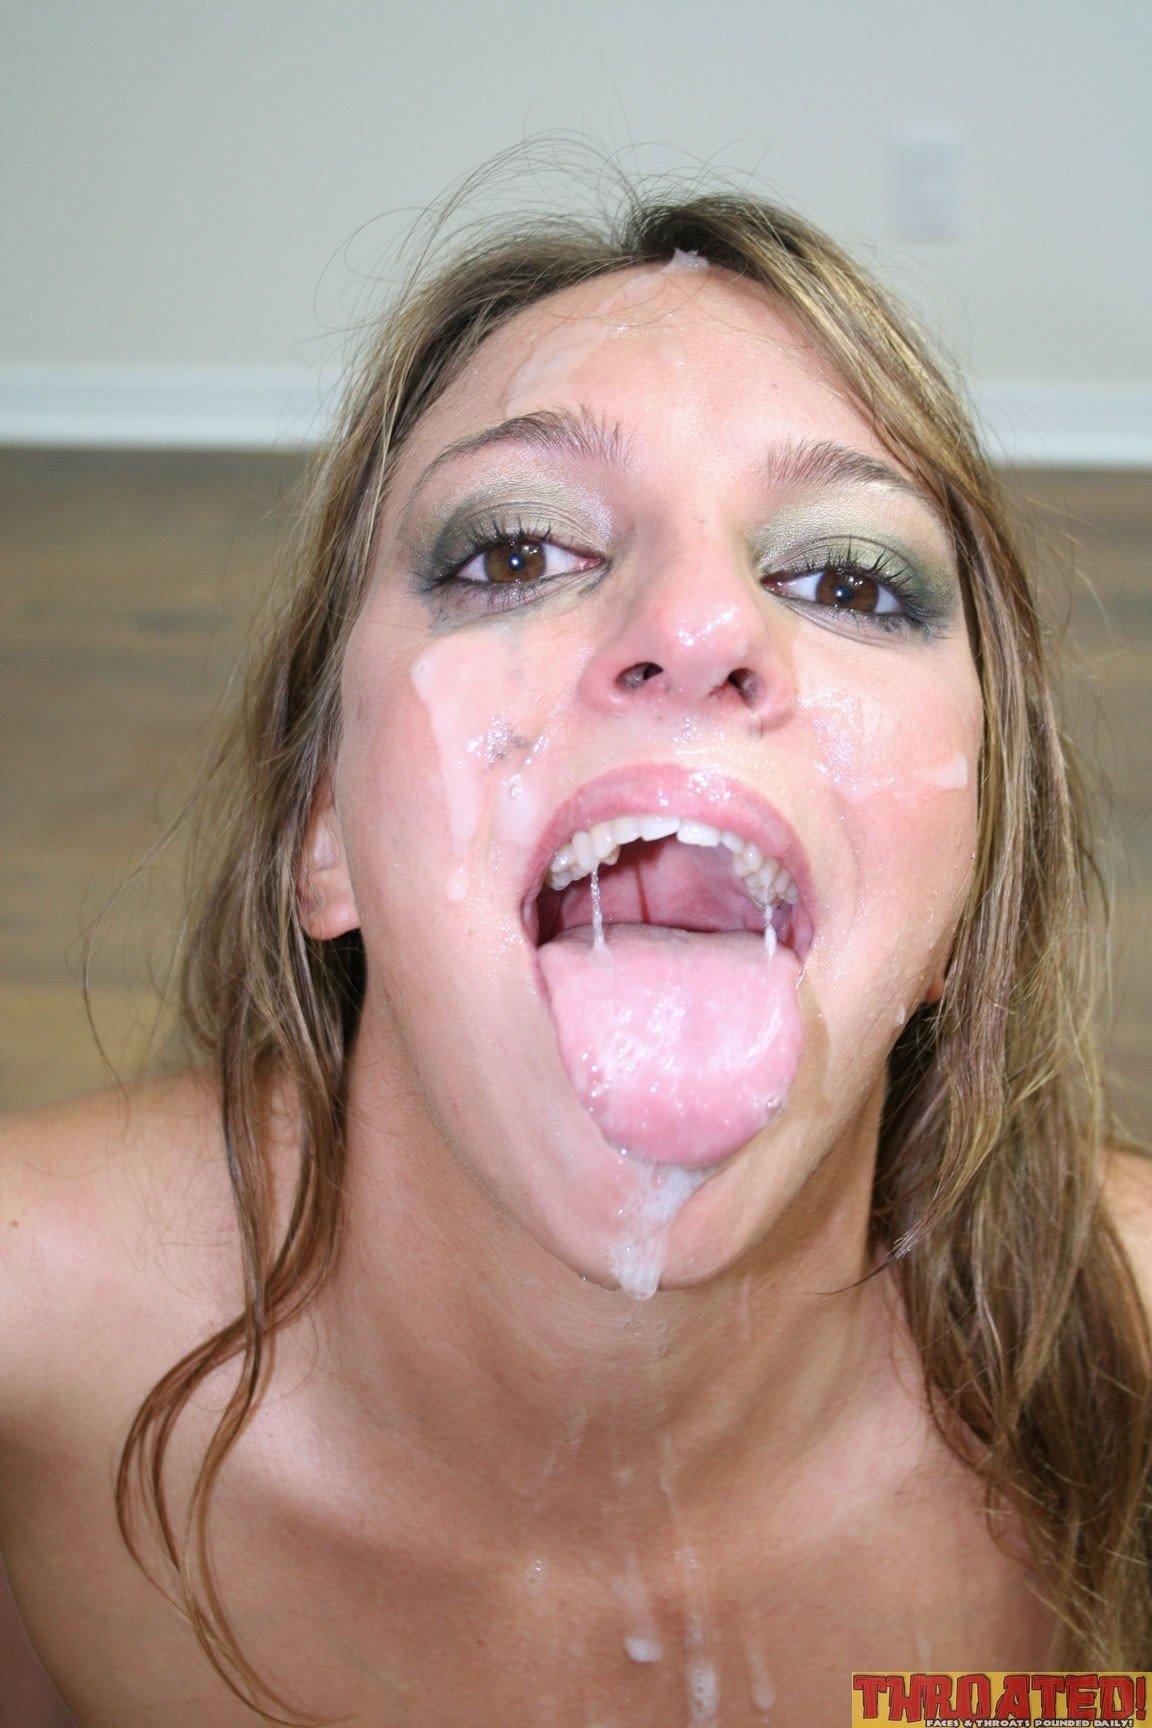 Полоскание горла спермой - Порно фото галерея 734489